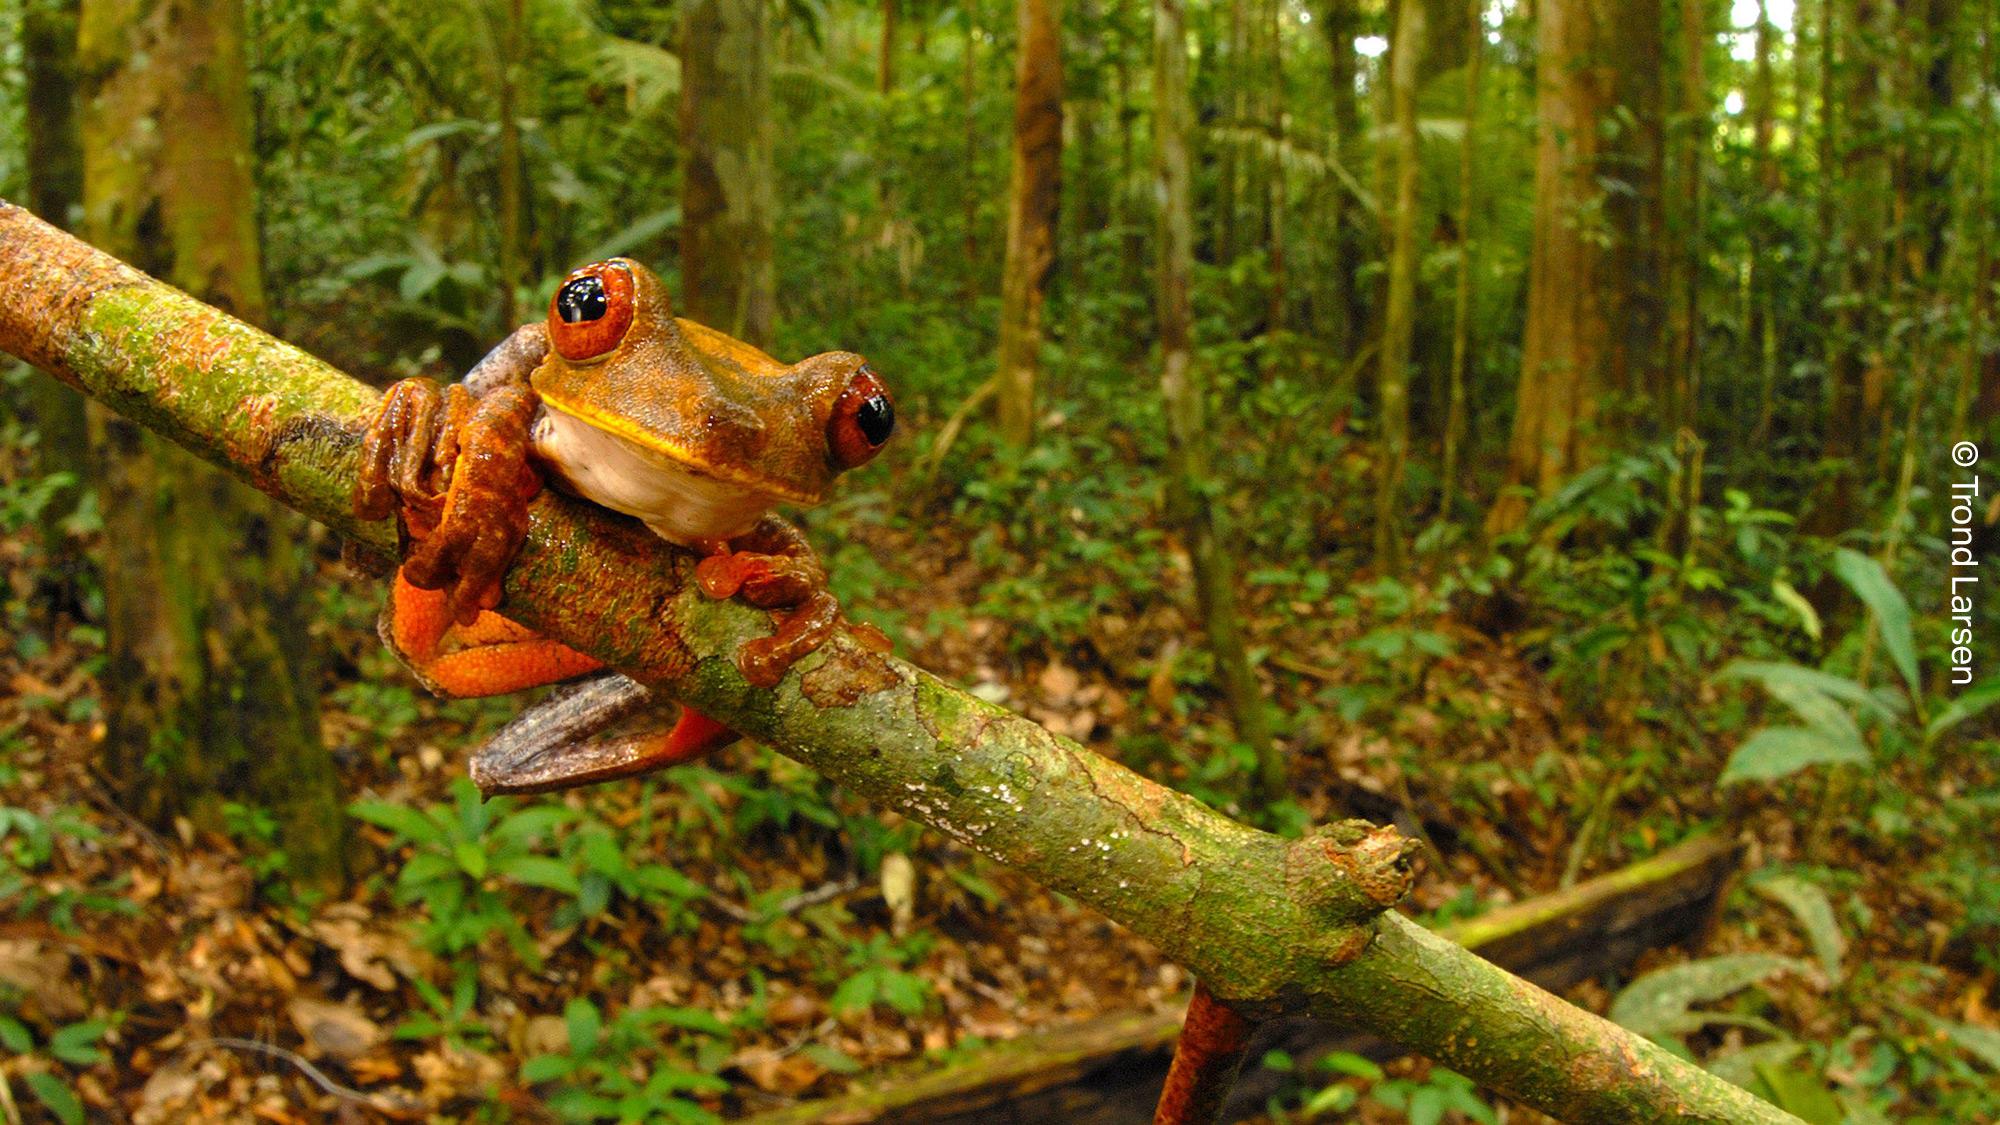 Um sapo verde nativo encontrado da região da Amazônia, no Brasil